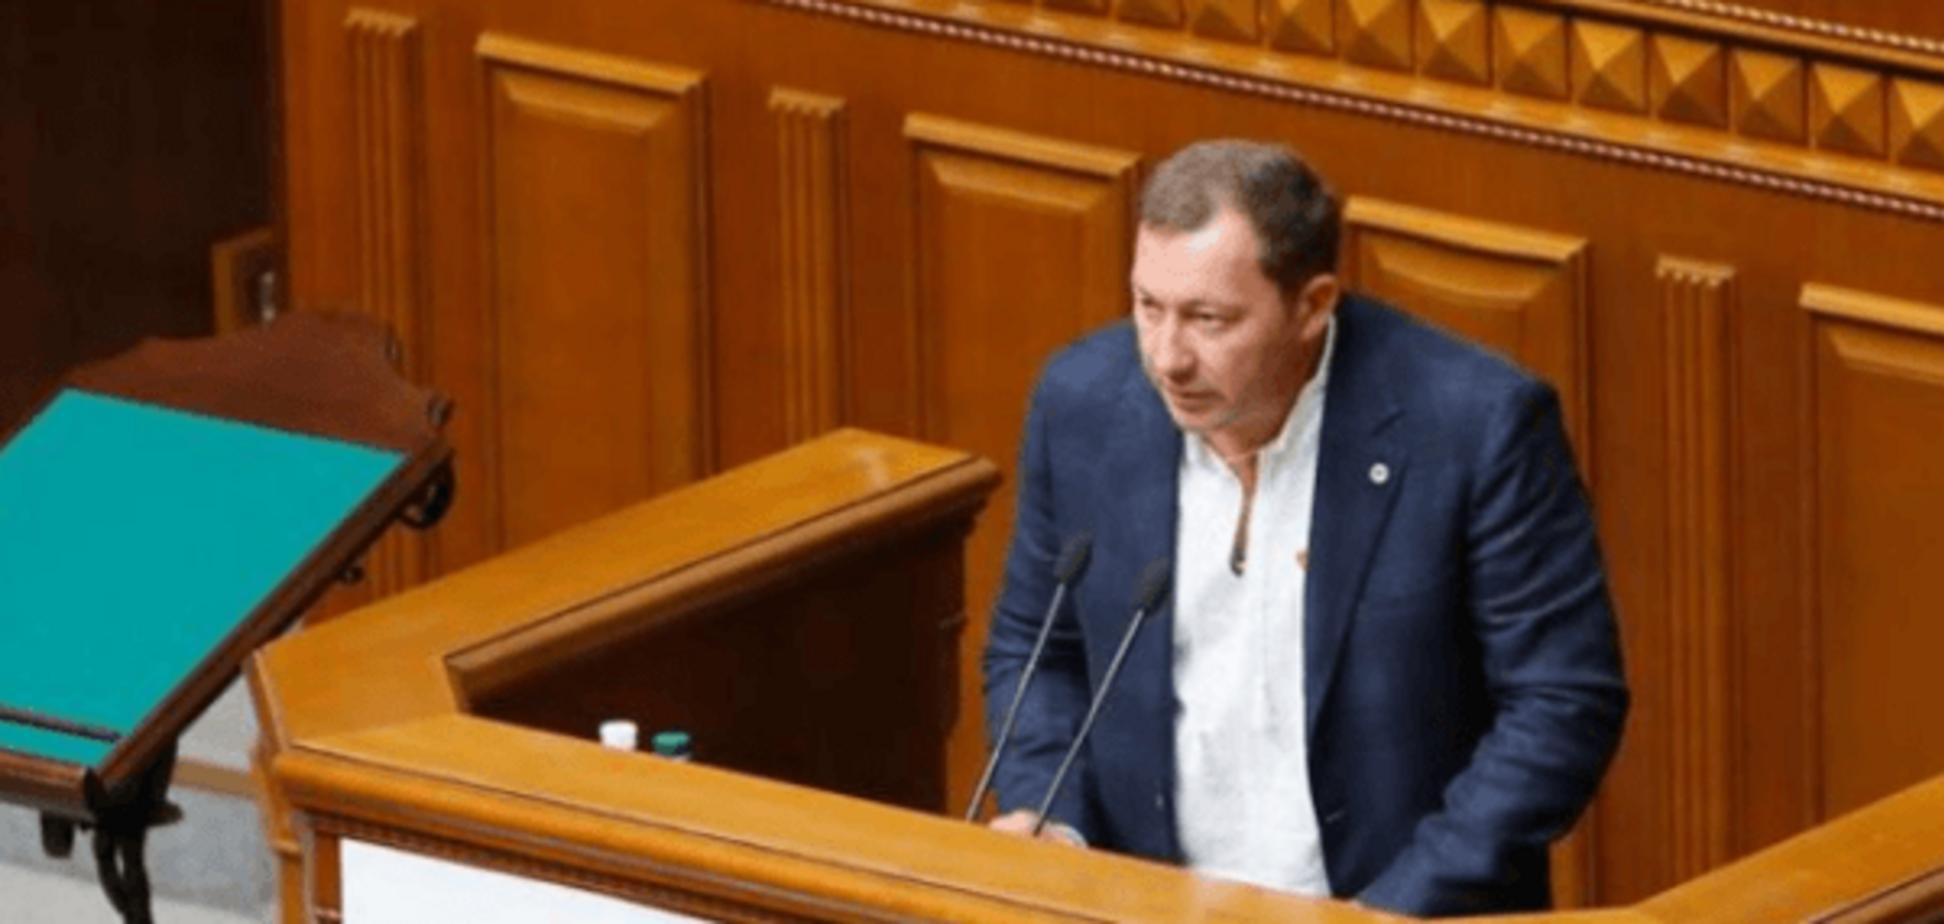 Фракция 'Батьківщини' пополнилась новым депутатом